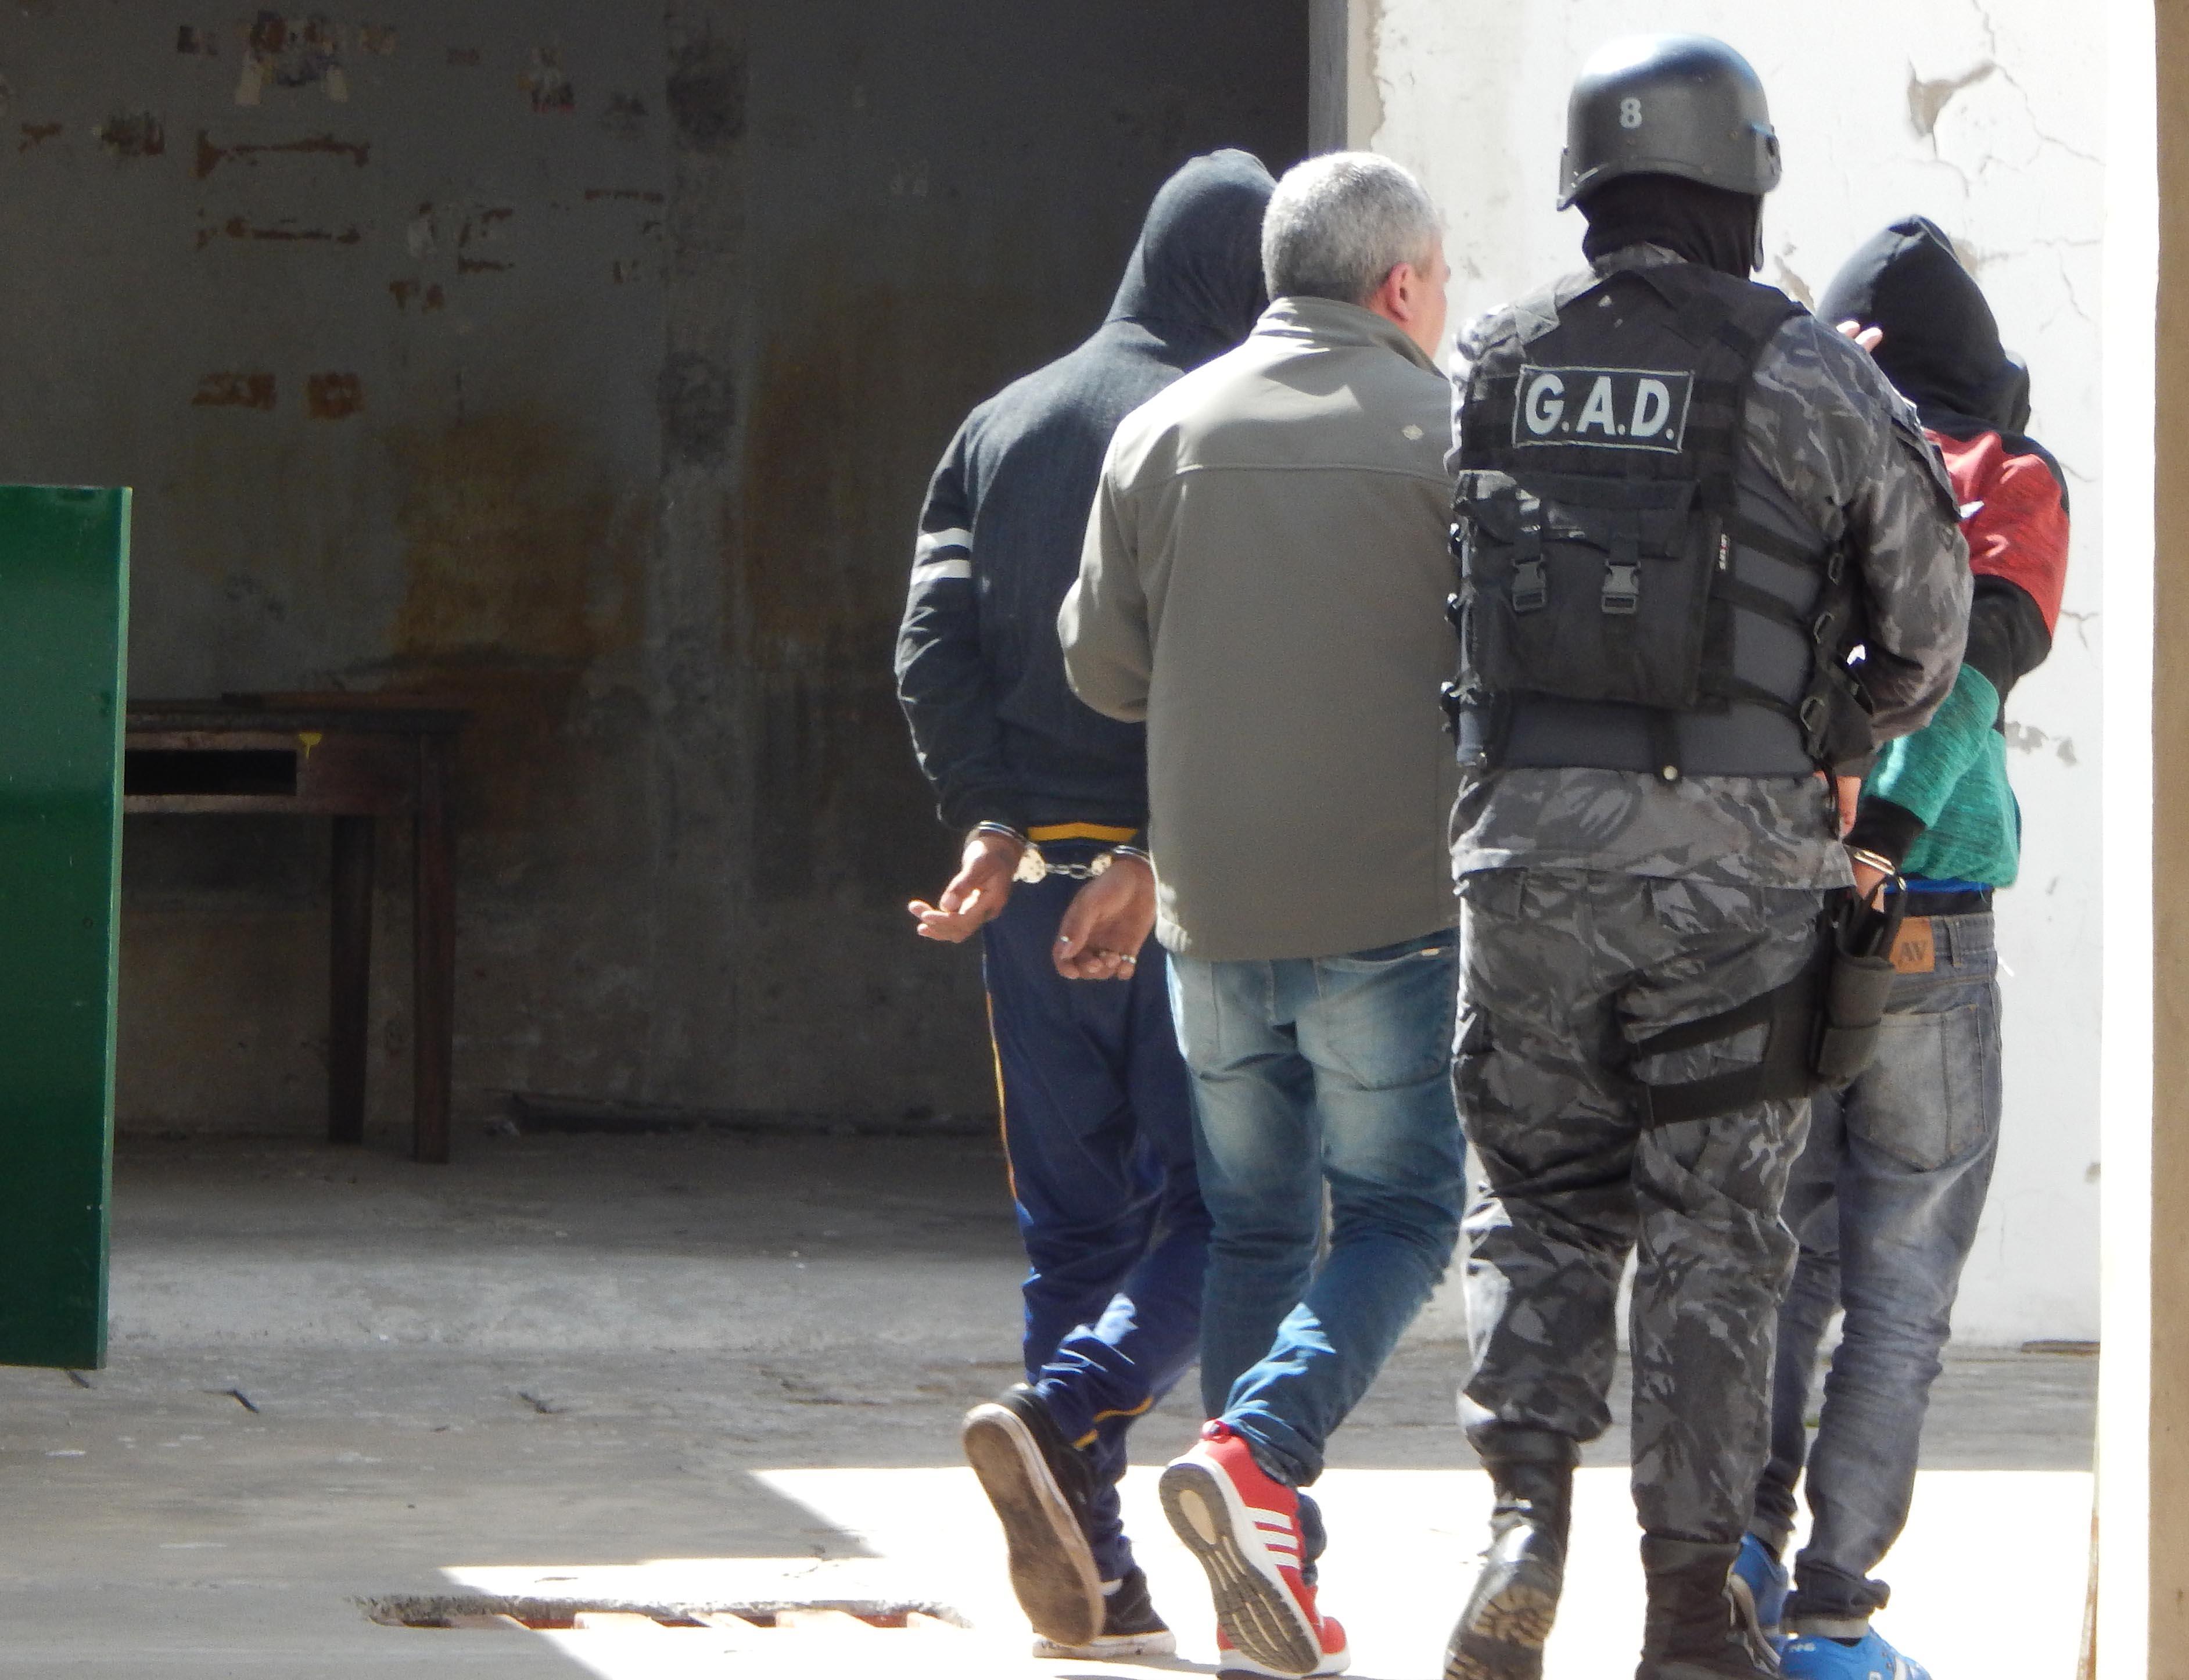 Policia Comunal de 9 de Julio firme contra la comercialización de drogas